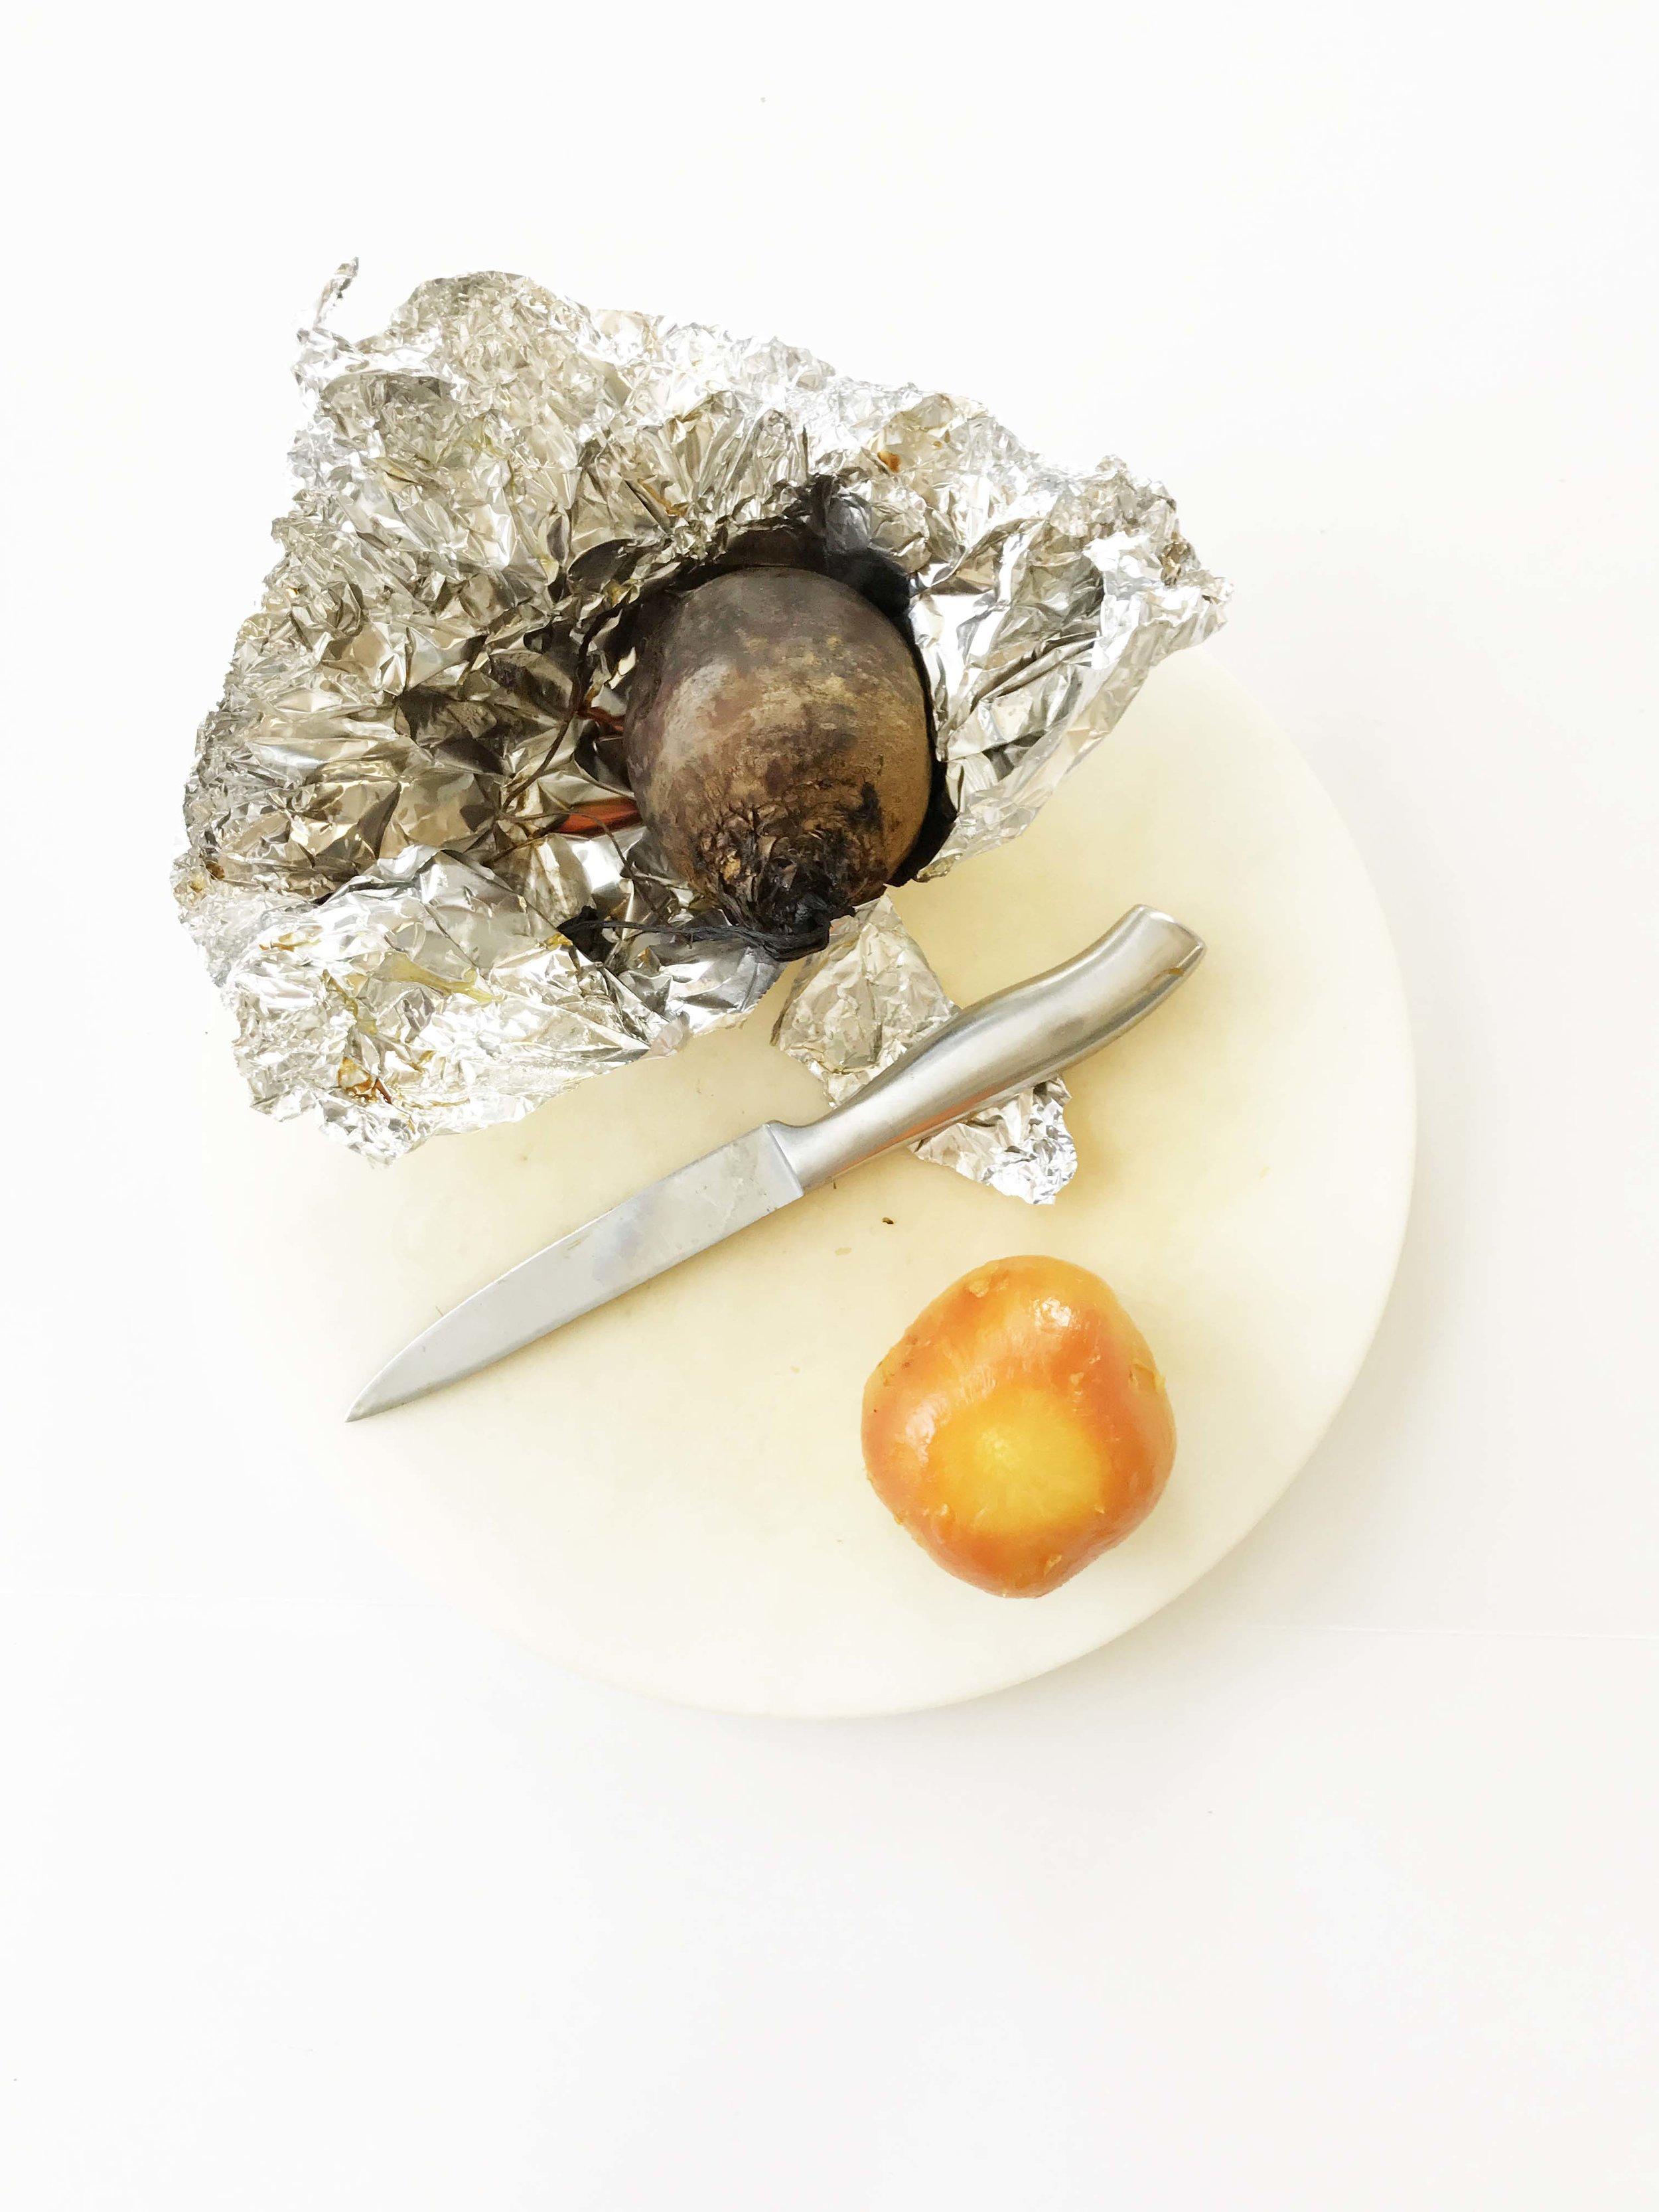 roasted-beet8.jpg